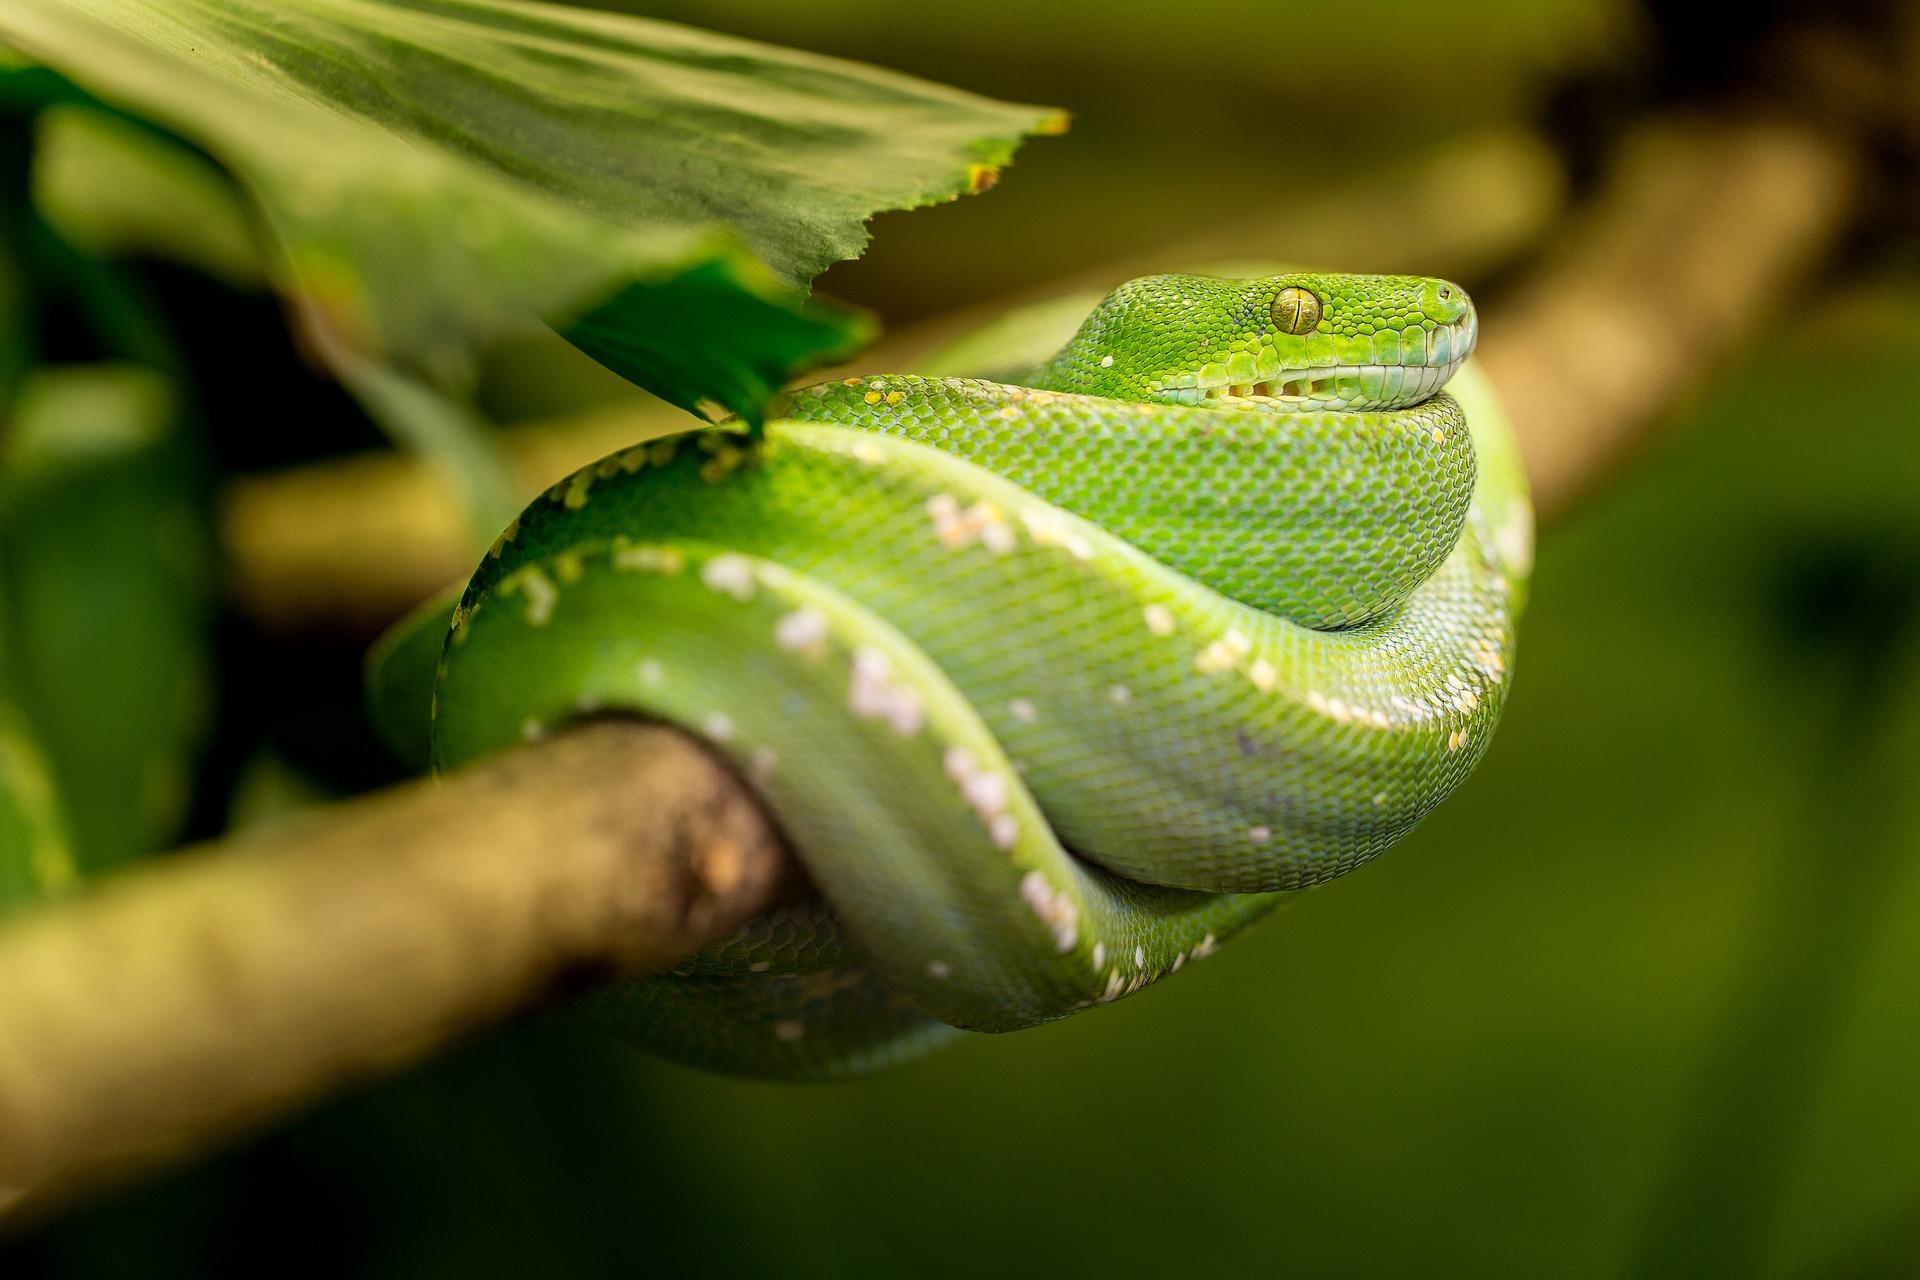 download wallpaper: Python in een boom wallpaper